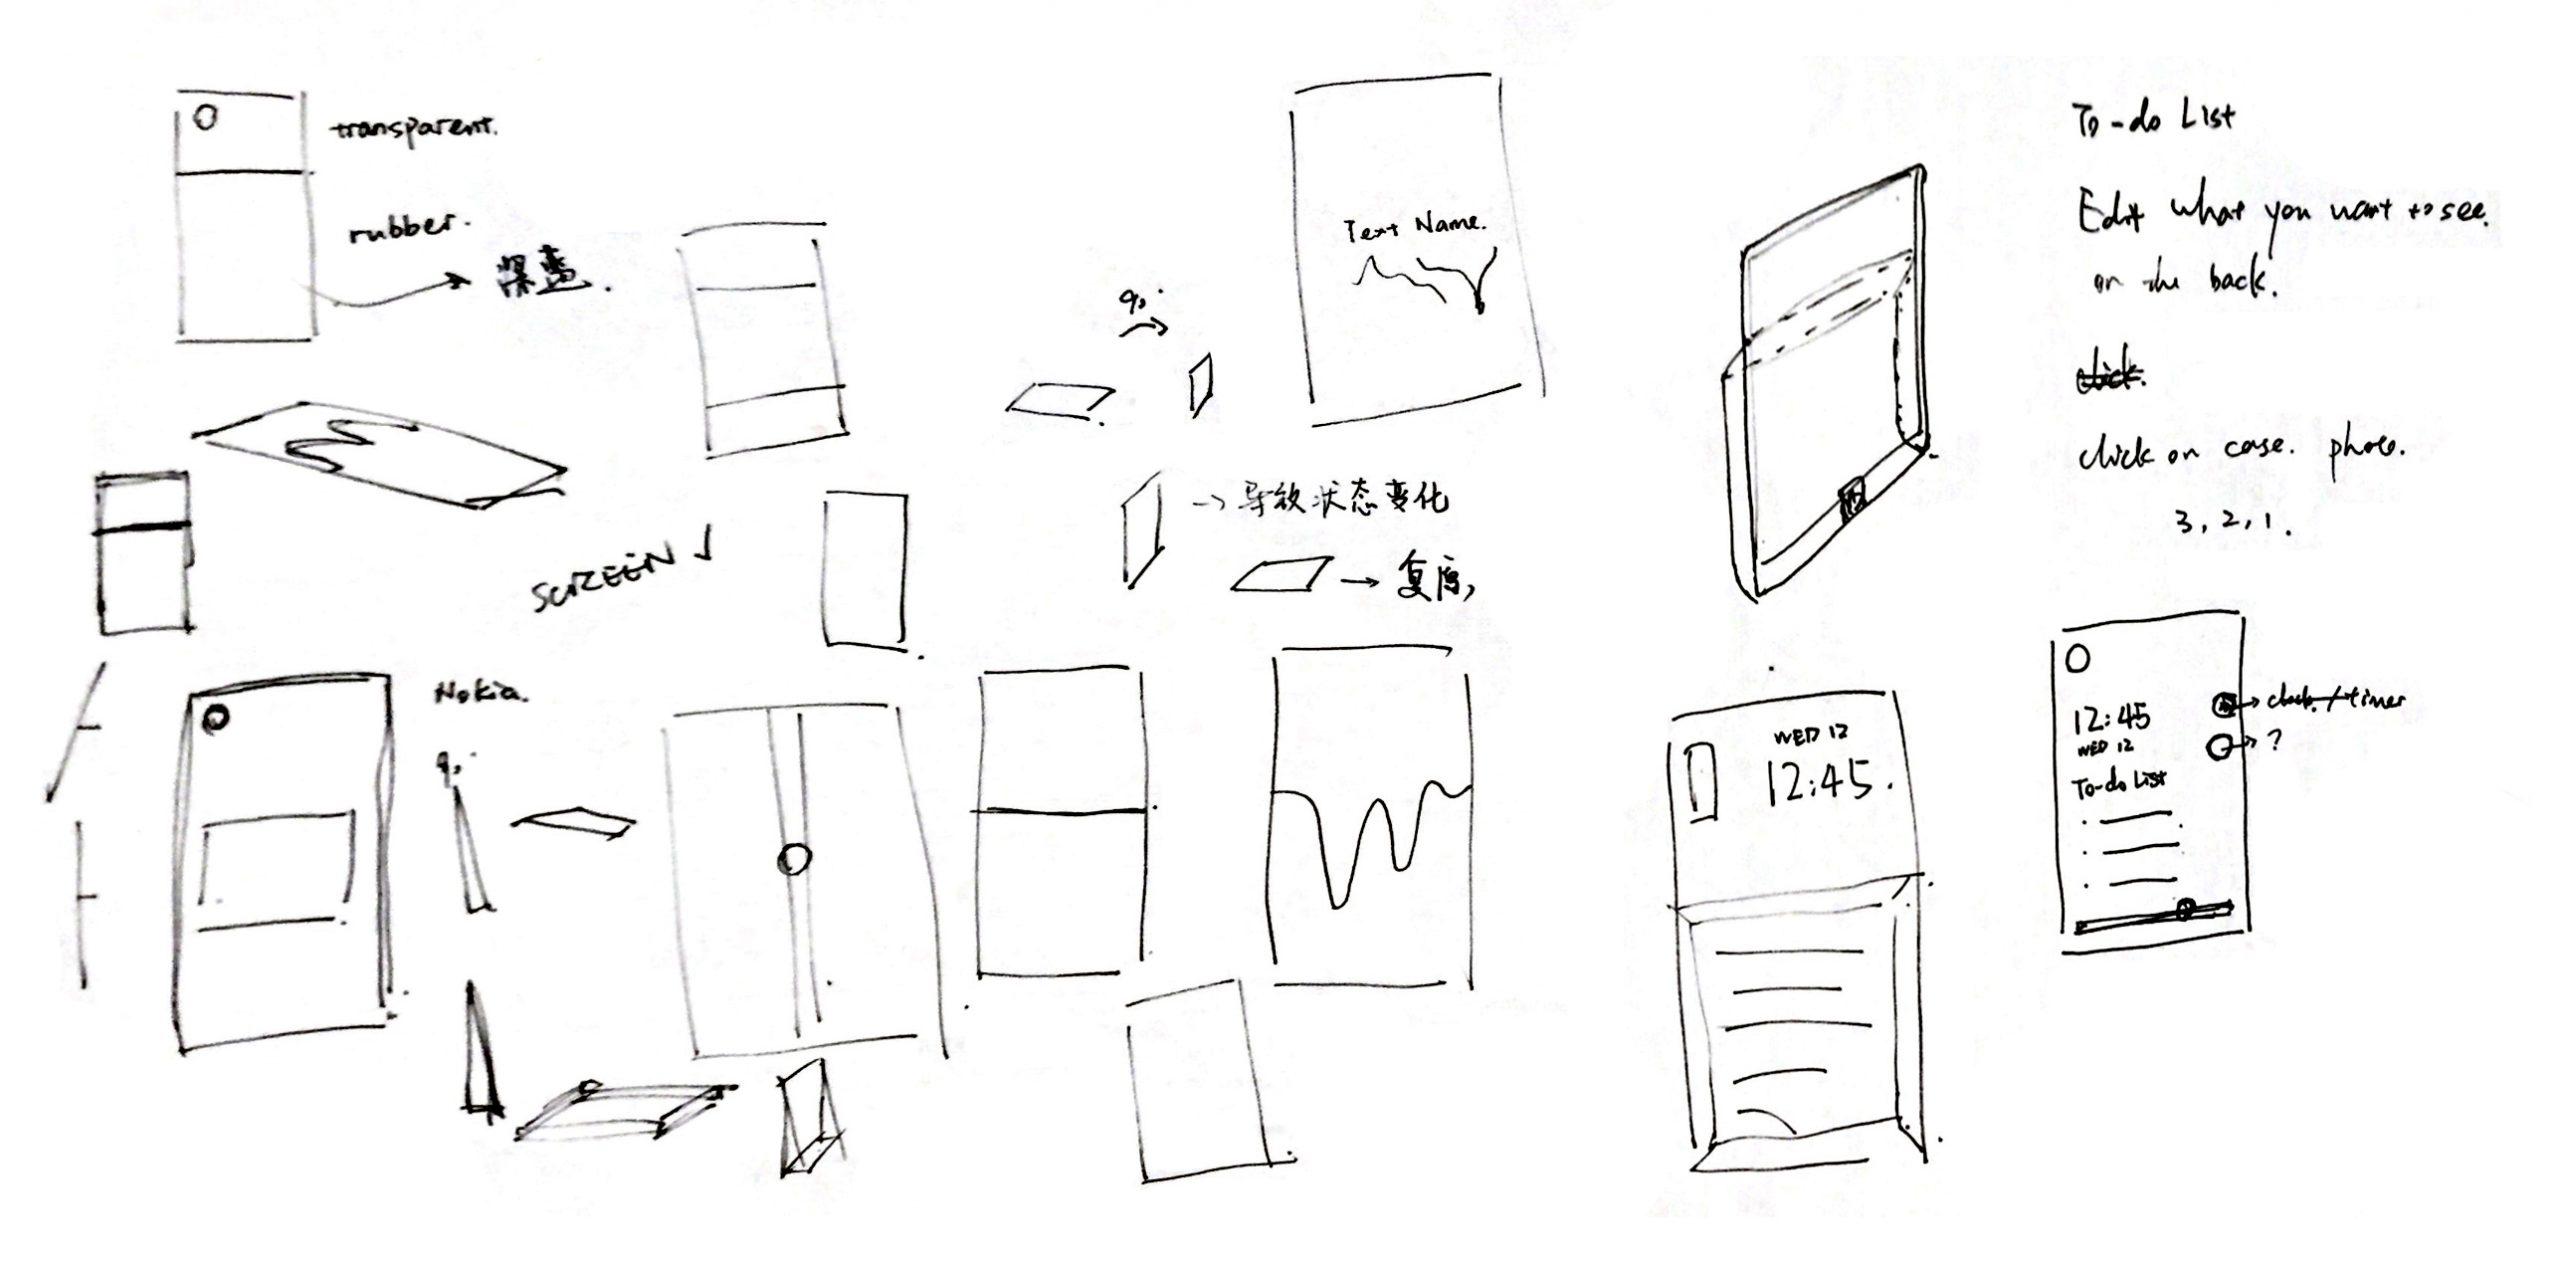 fig7_sketch